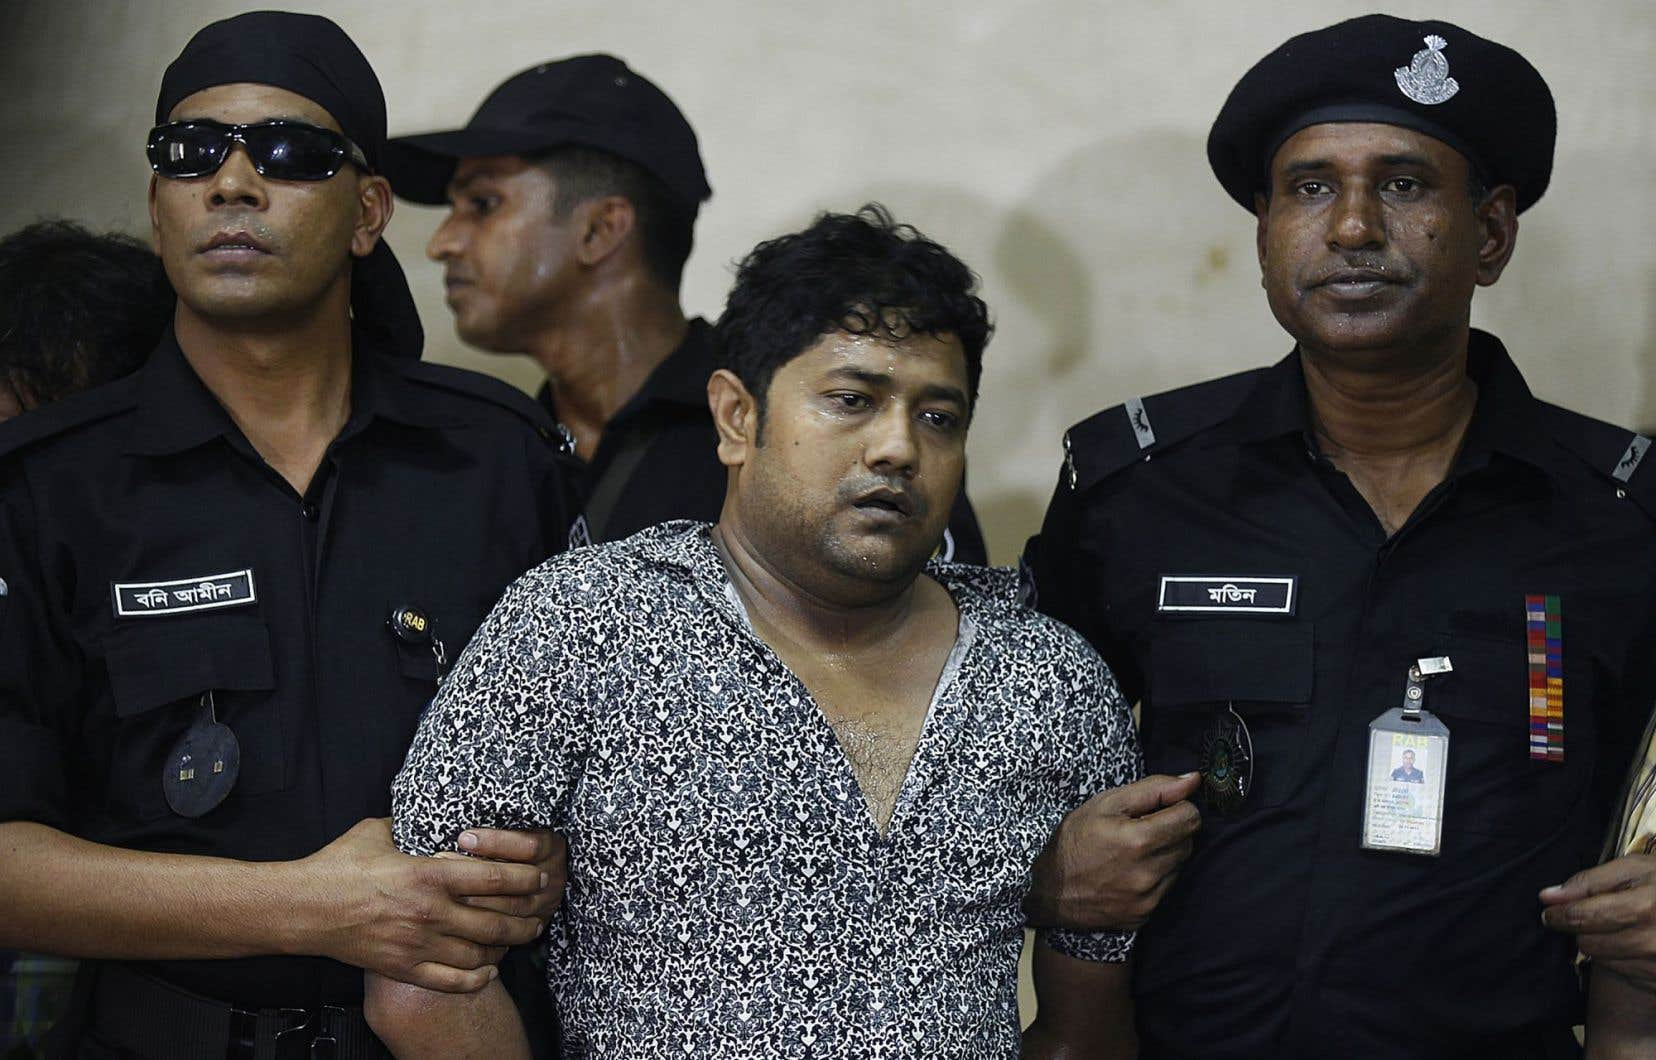 Le propriétaire du Rana Plaza, Sohel Rana (ci-dessus, au moment de son arrestation en avril 2013), ainsi que 40 autres personnes ont été inculpés de meurtre en lien avec l'effondrement d'une usine textile au Bangladesh.